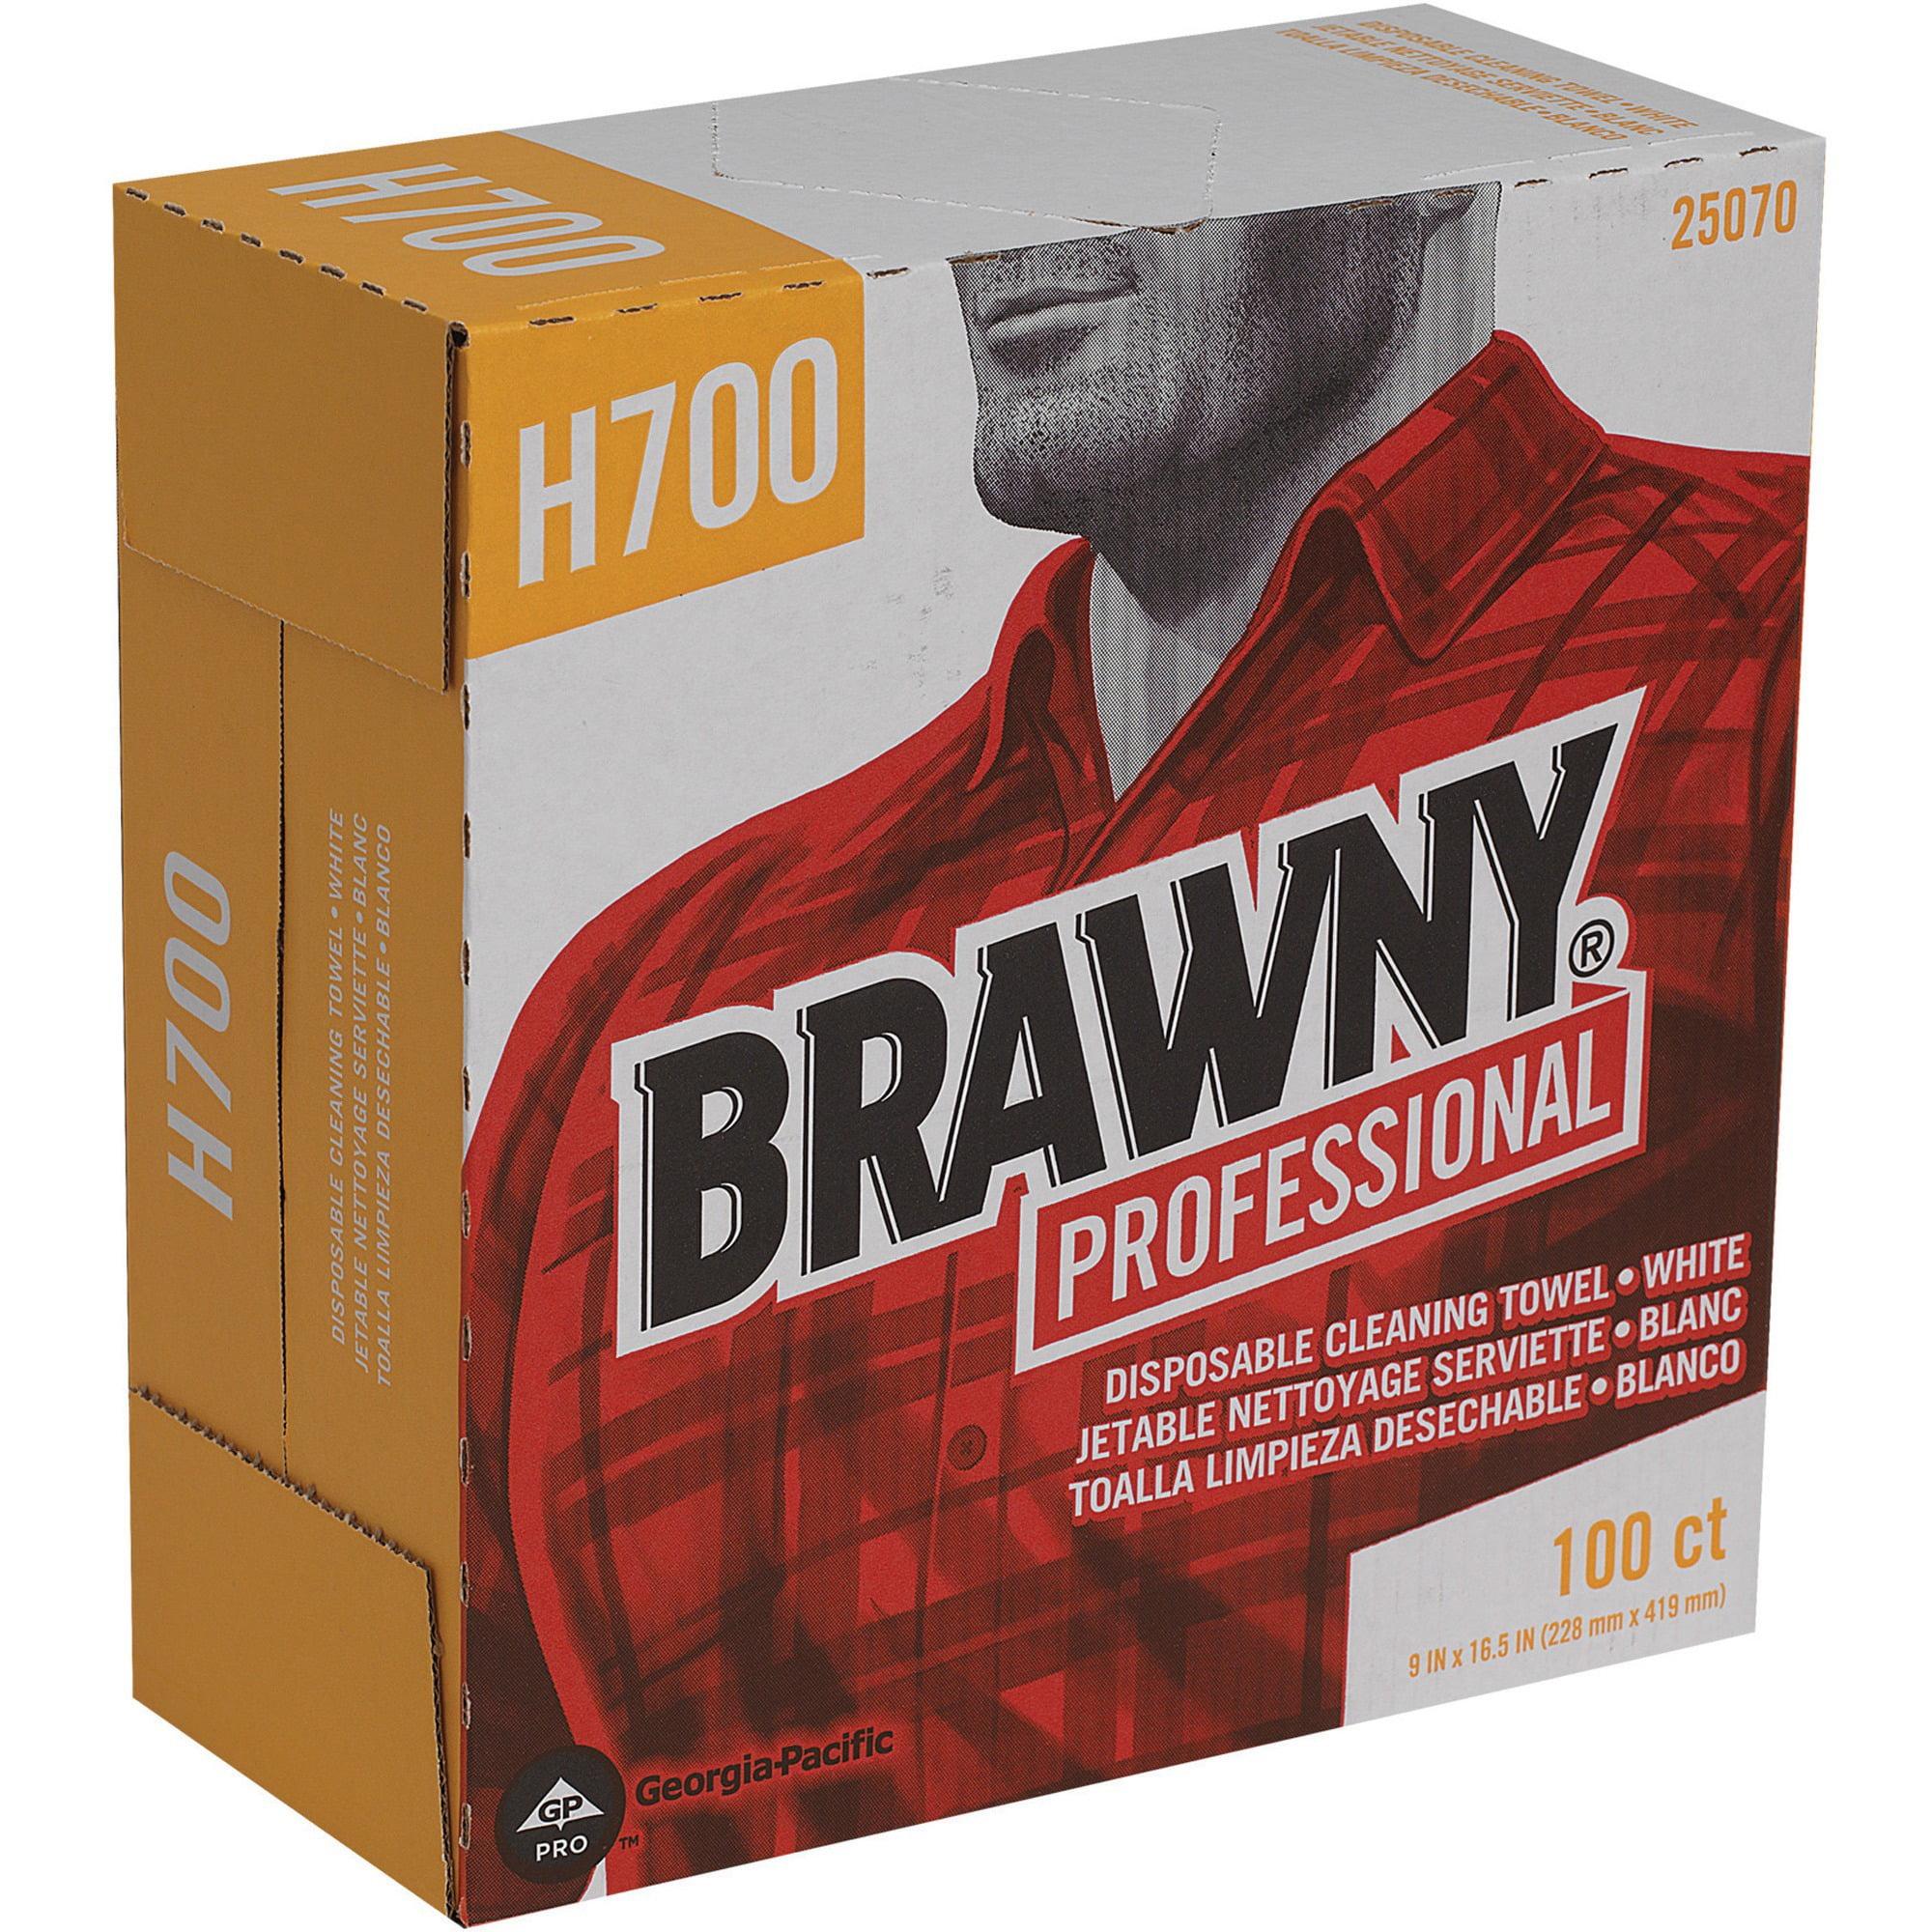 Brawny Industrial, GPC25070, Wipers, 100 / Box, White